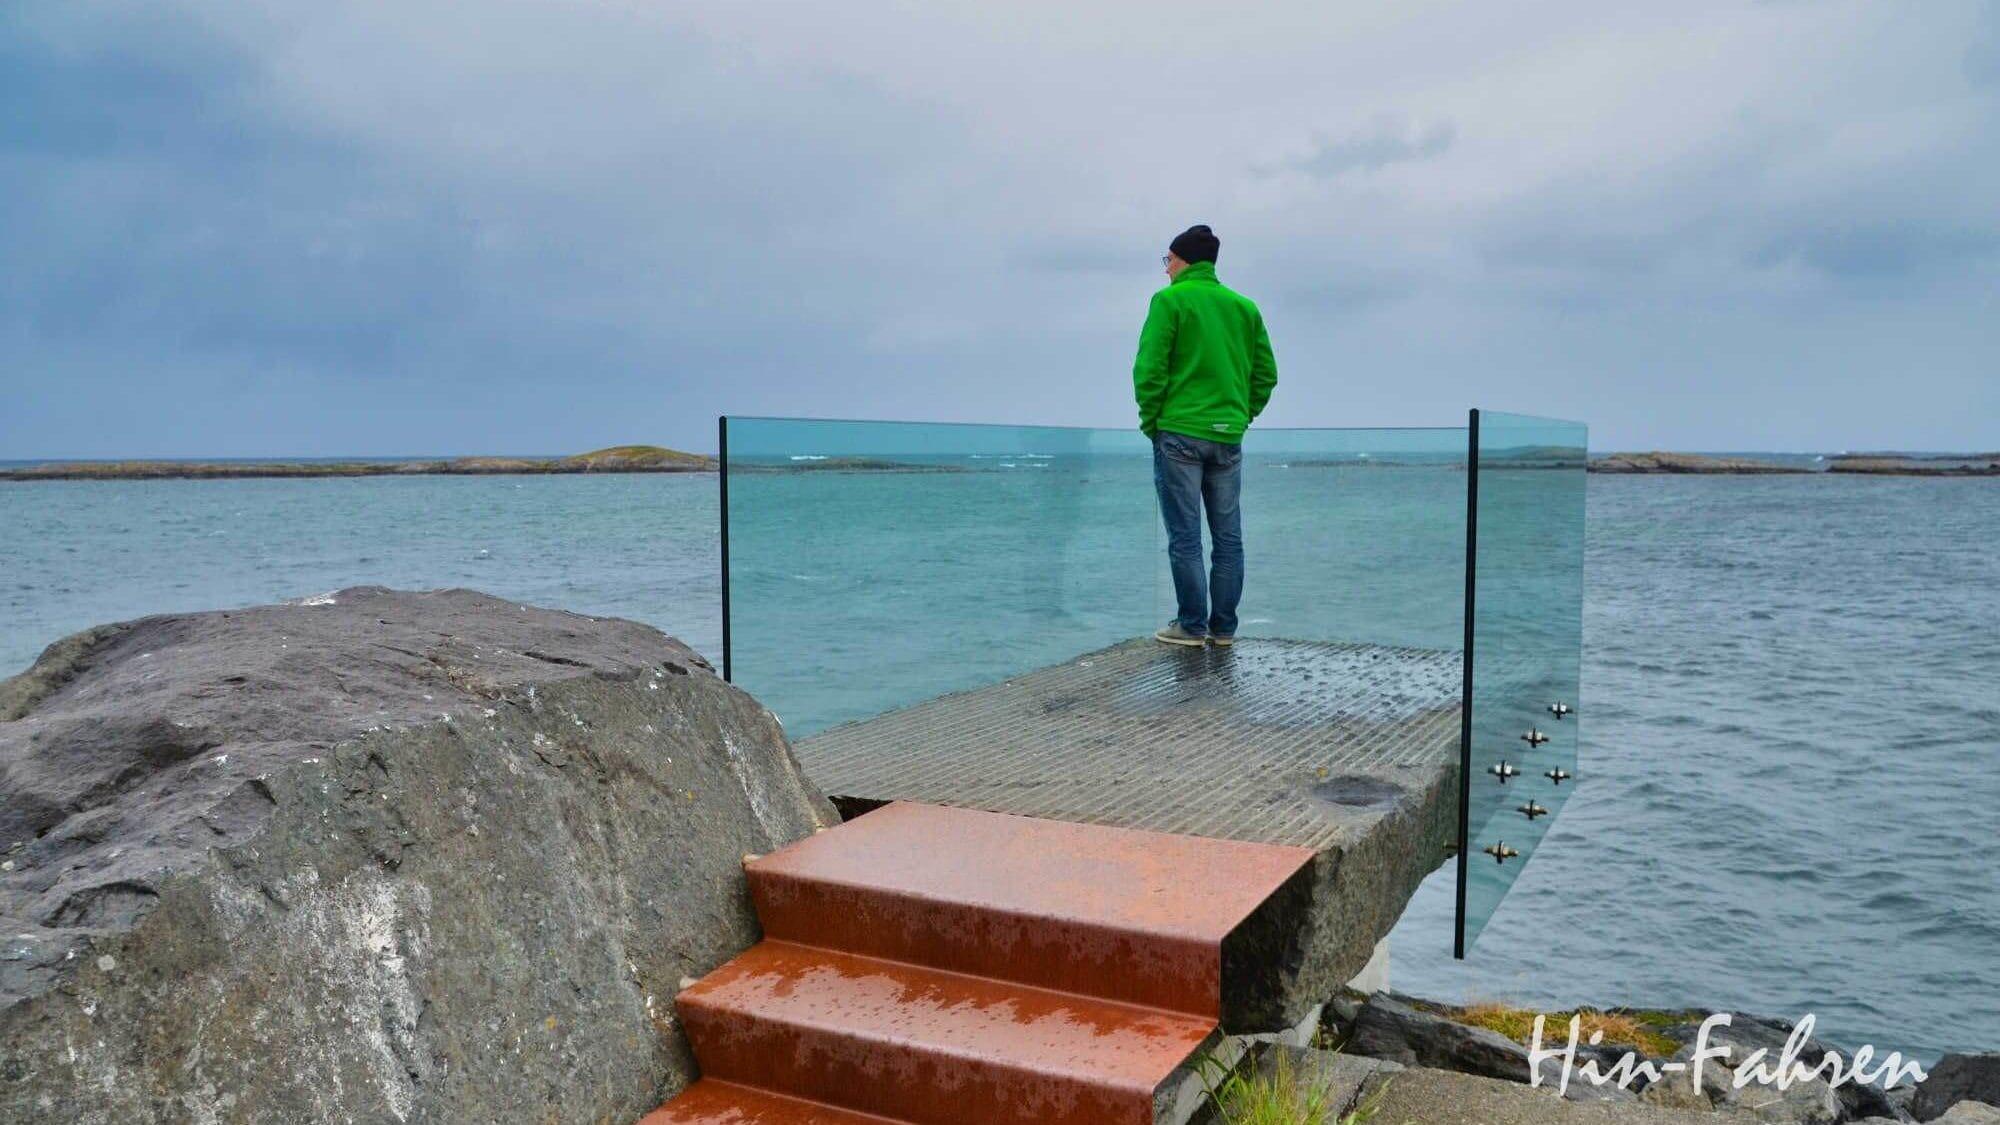 Aussichtspunkt an der Atlantikstraße